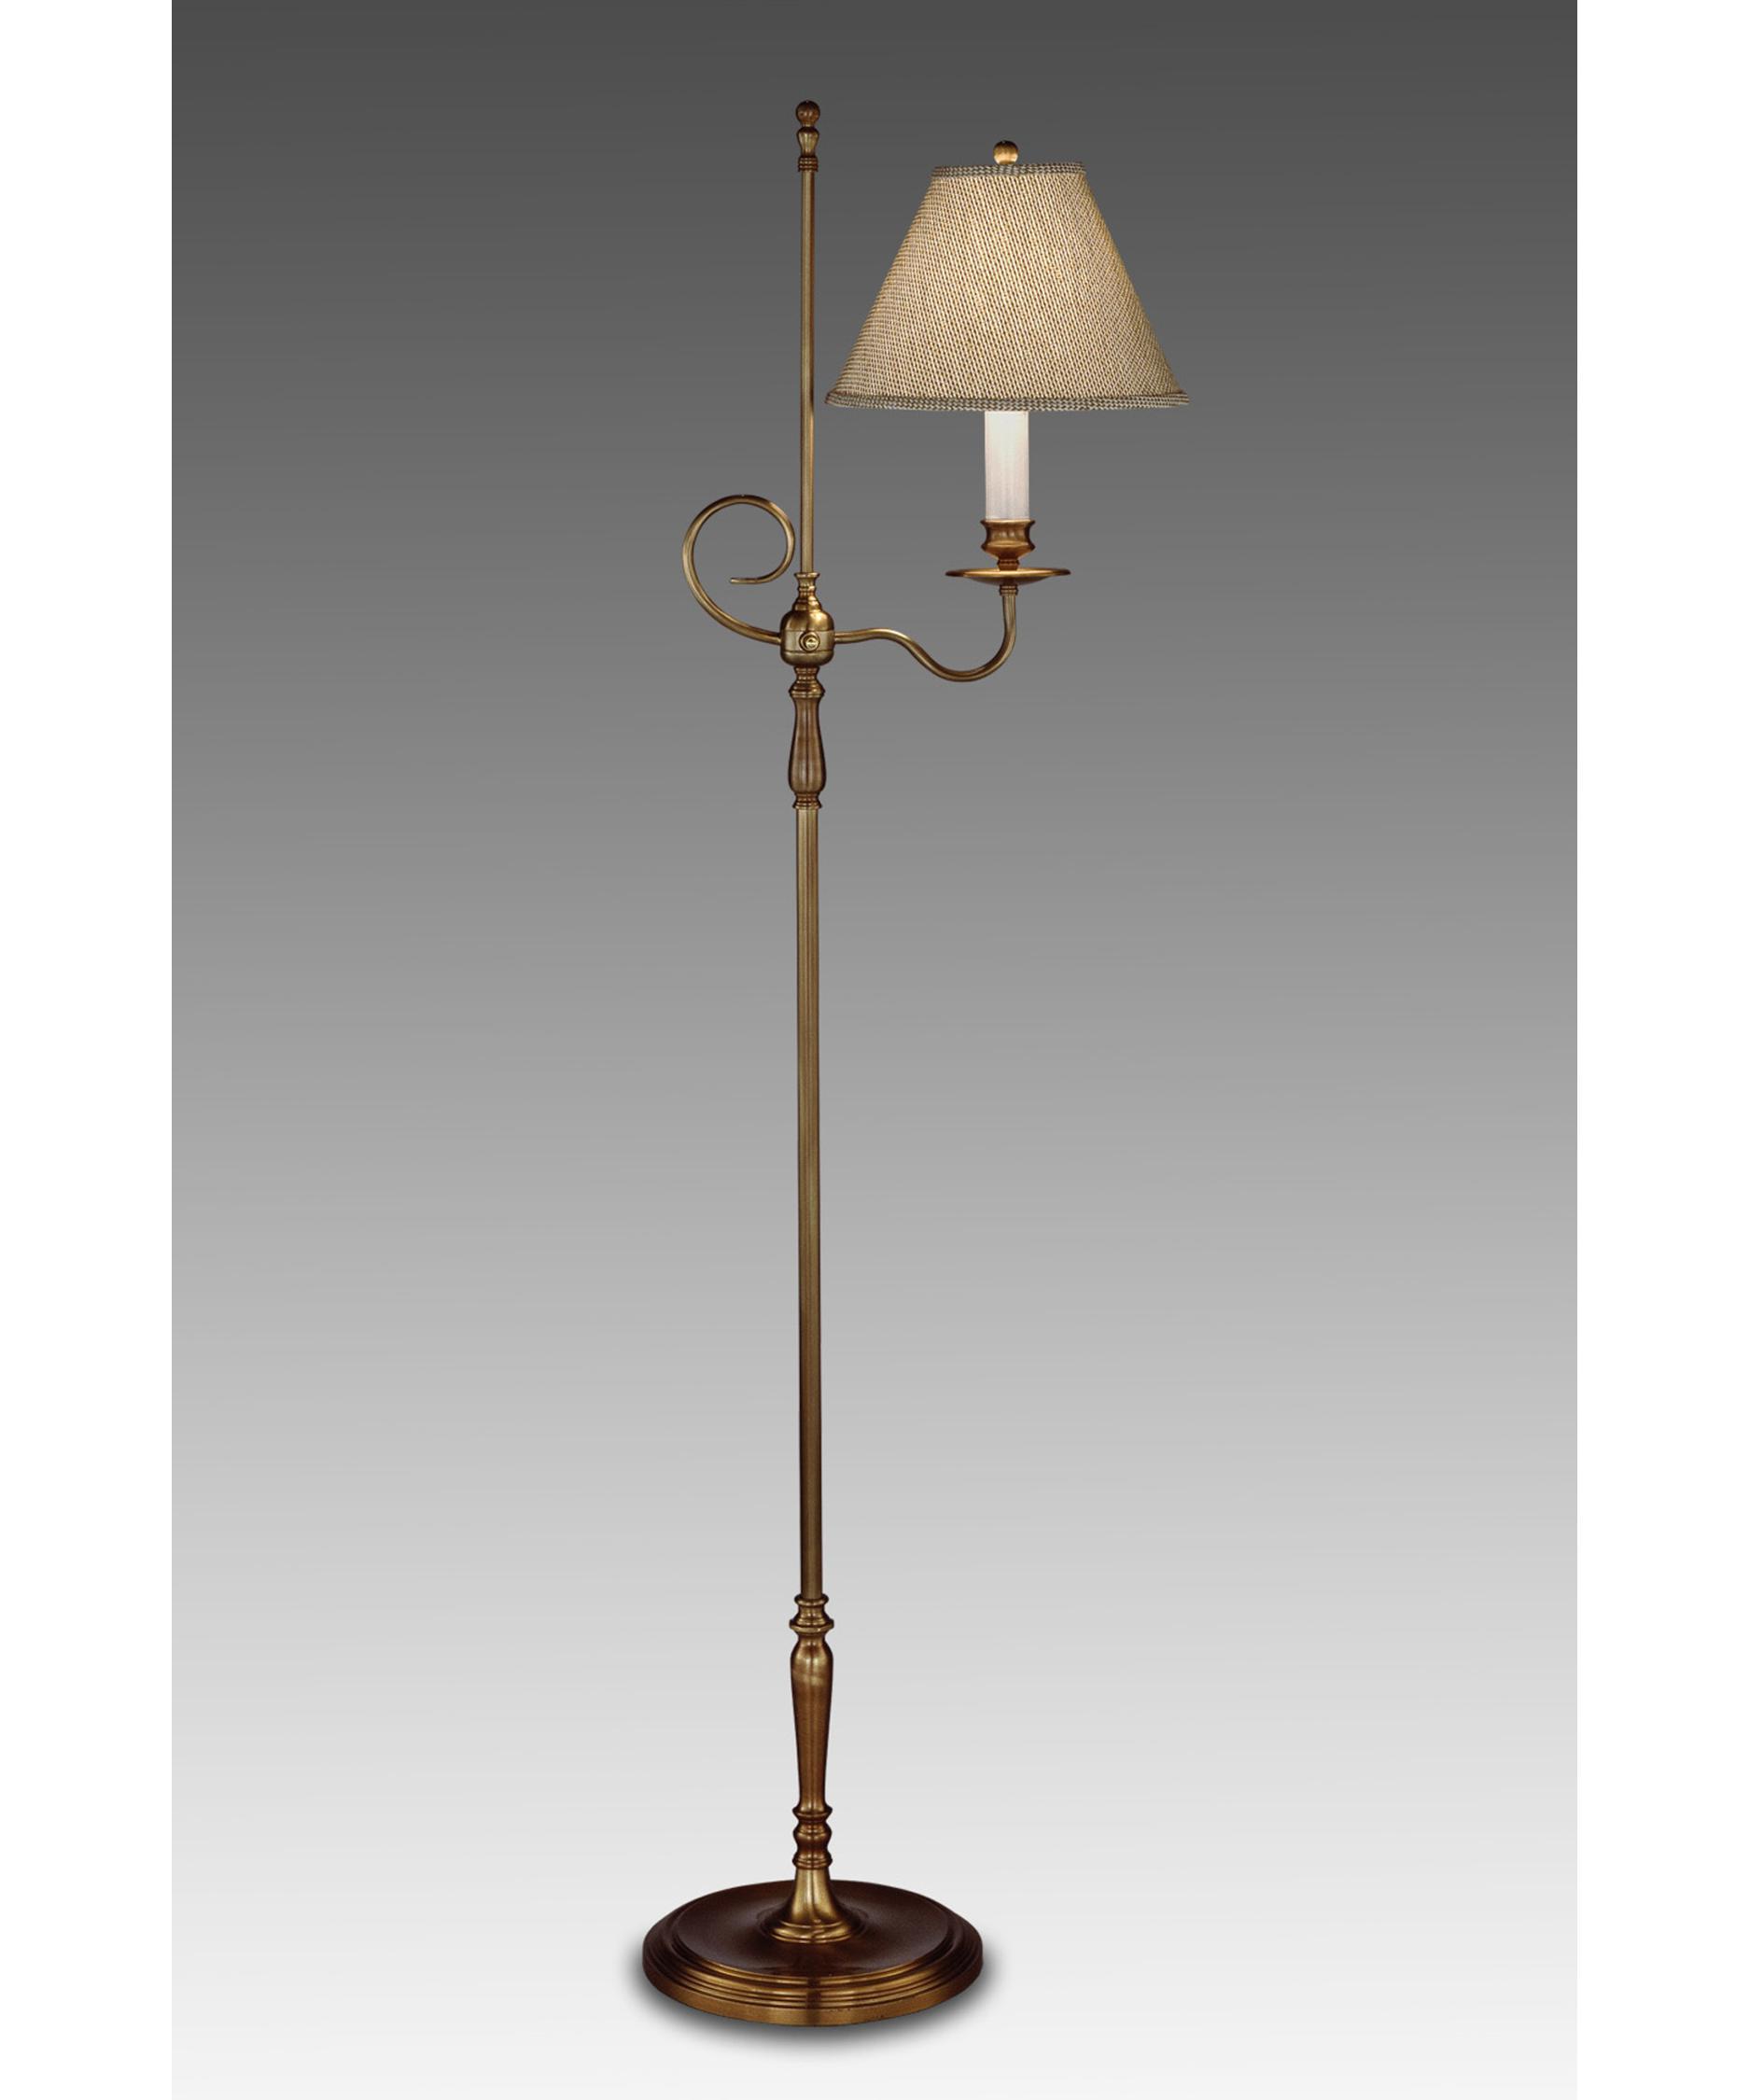 Remington Lamp 1991 Floor Lamp In Antique Brass Capitol